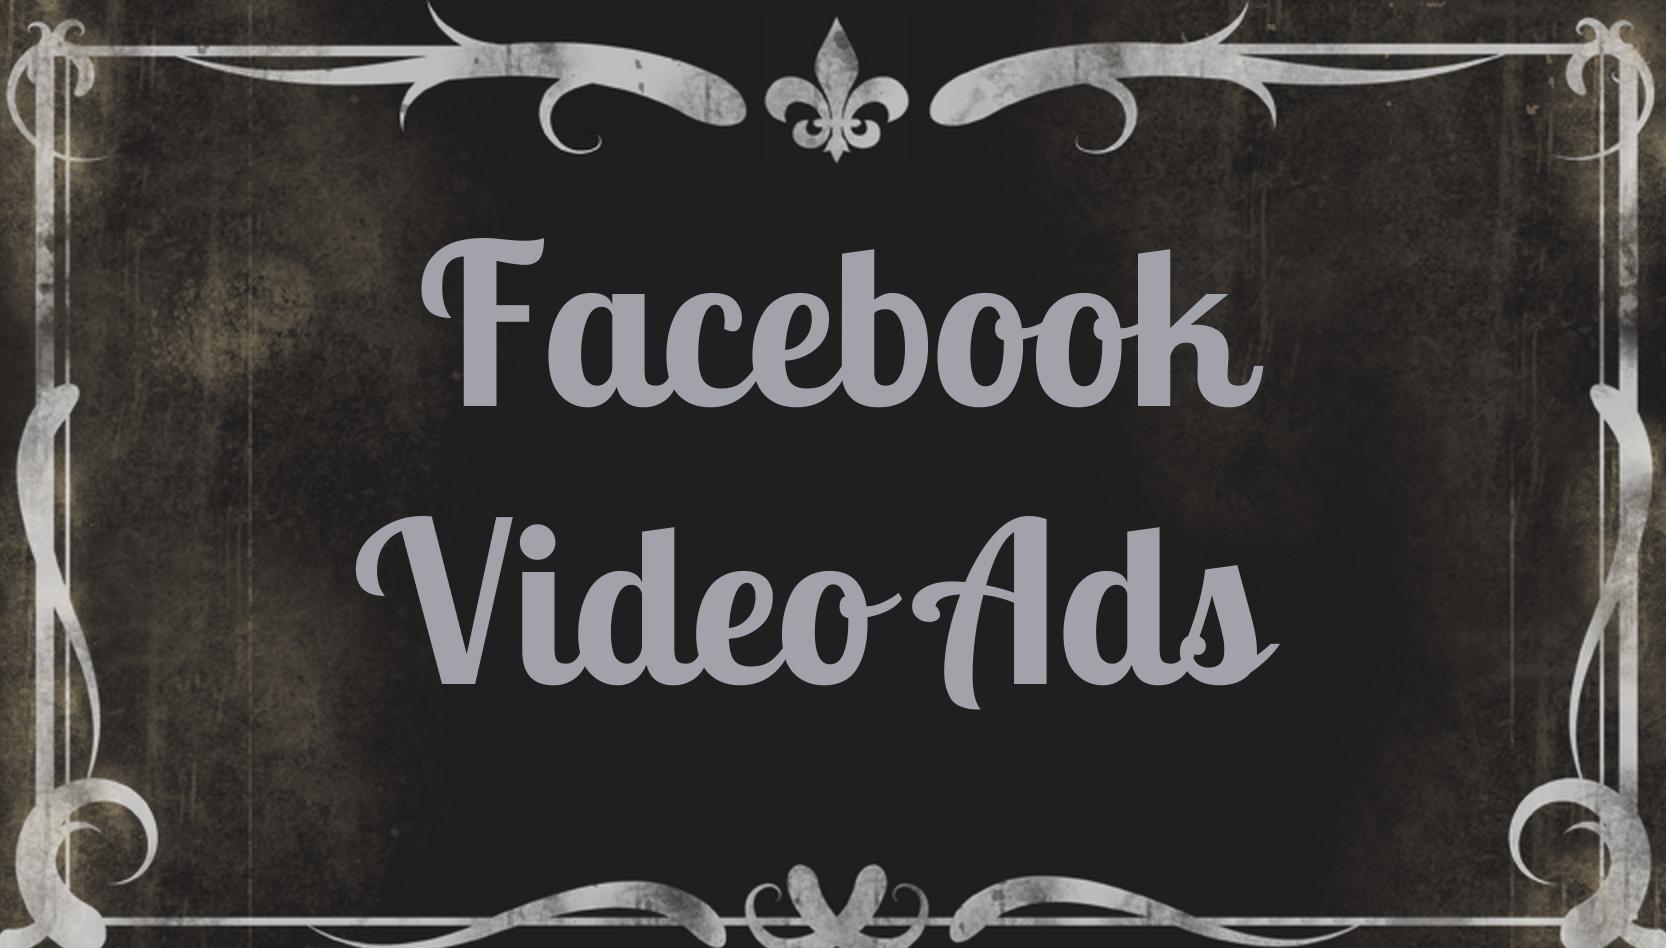 ff0d34b43764 https   techcrunch.com 2013 12 17 facebook-video-ads-newsfeed ...